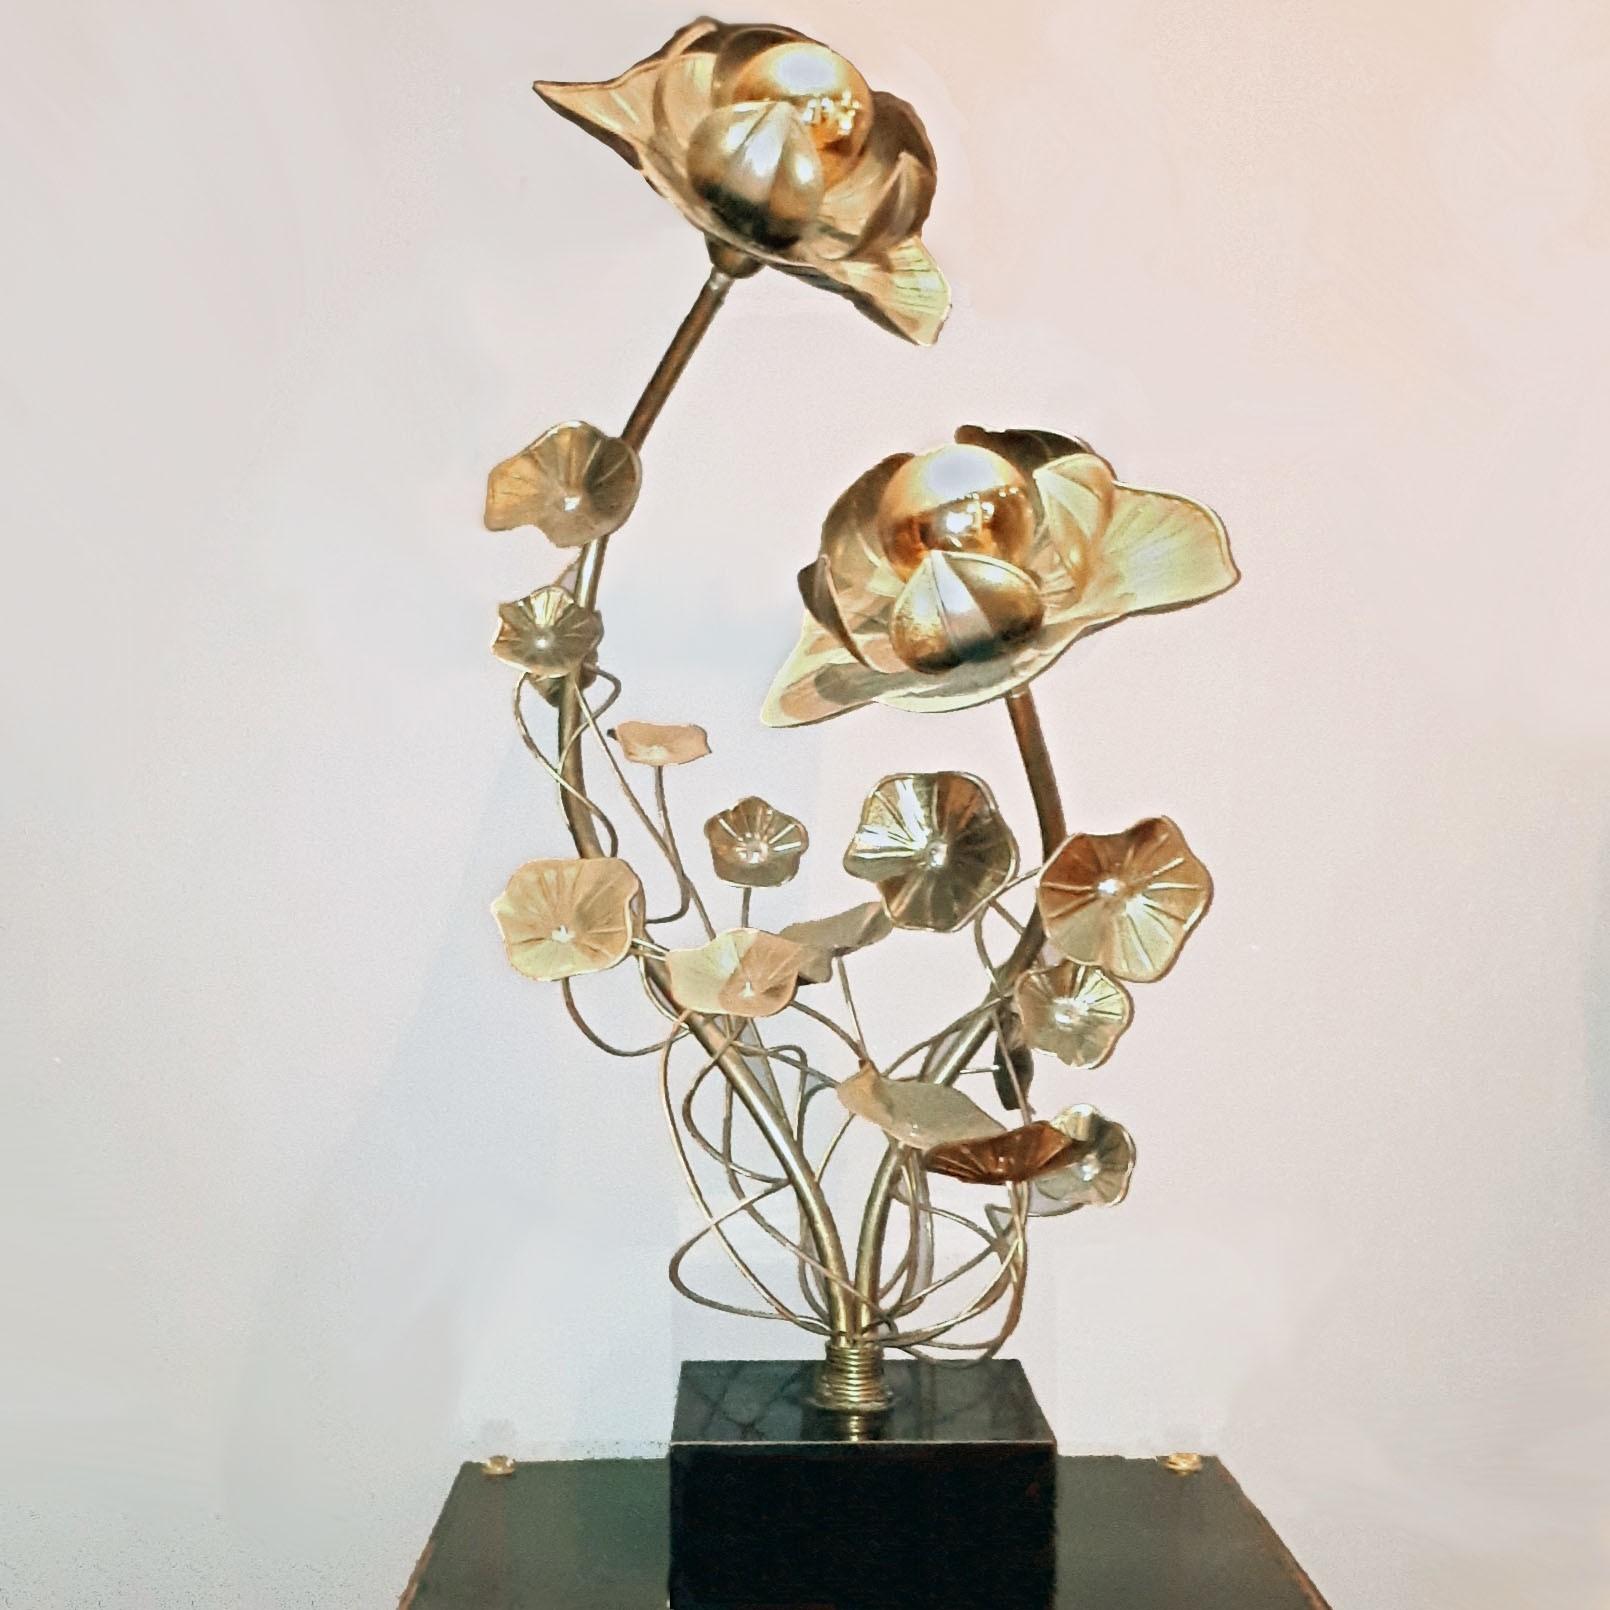 Maison Jansen Messing Tischlampe oder Stehlampe